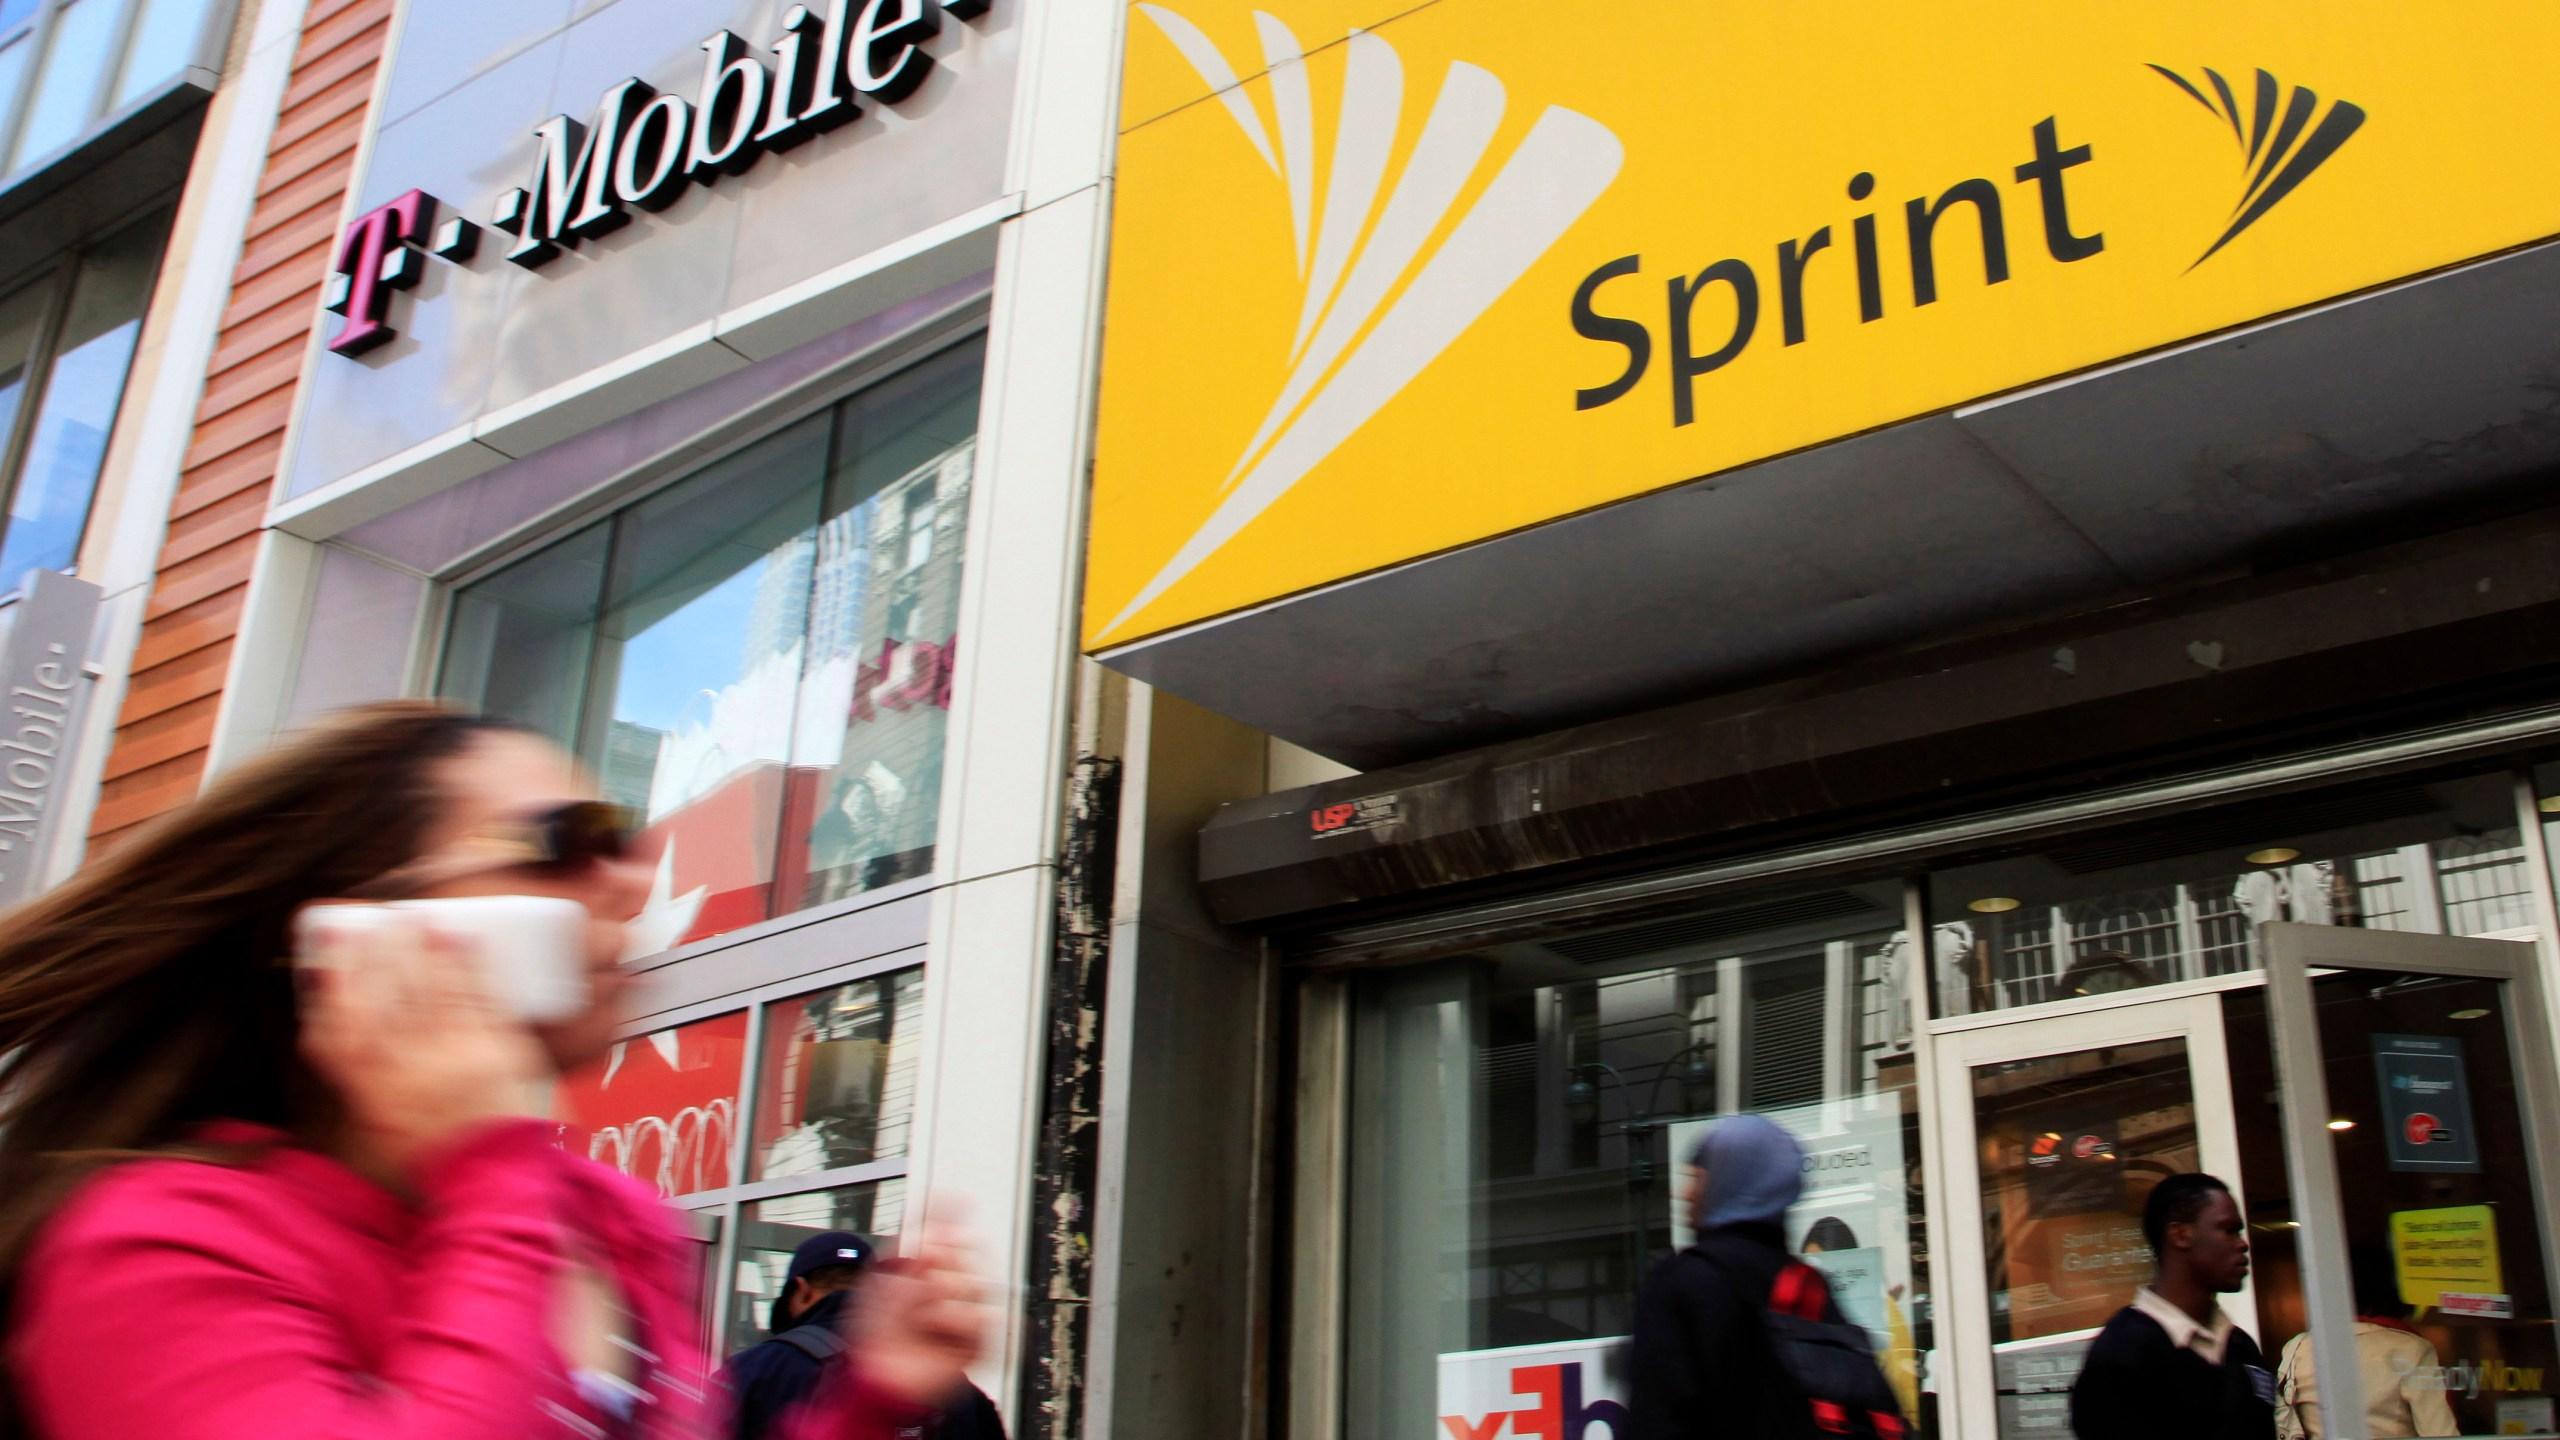 Sprint_T-Mobile_Deal_90610-159532.jpg58268419